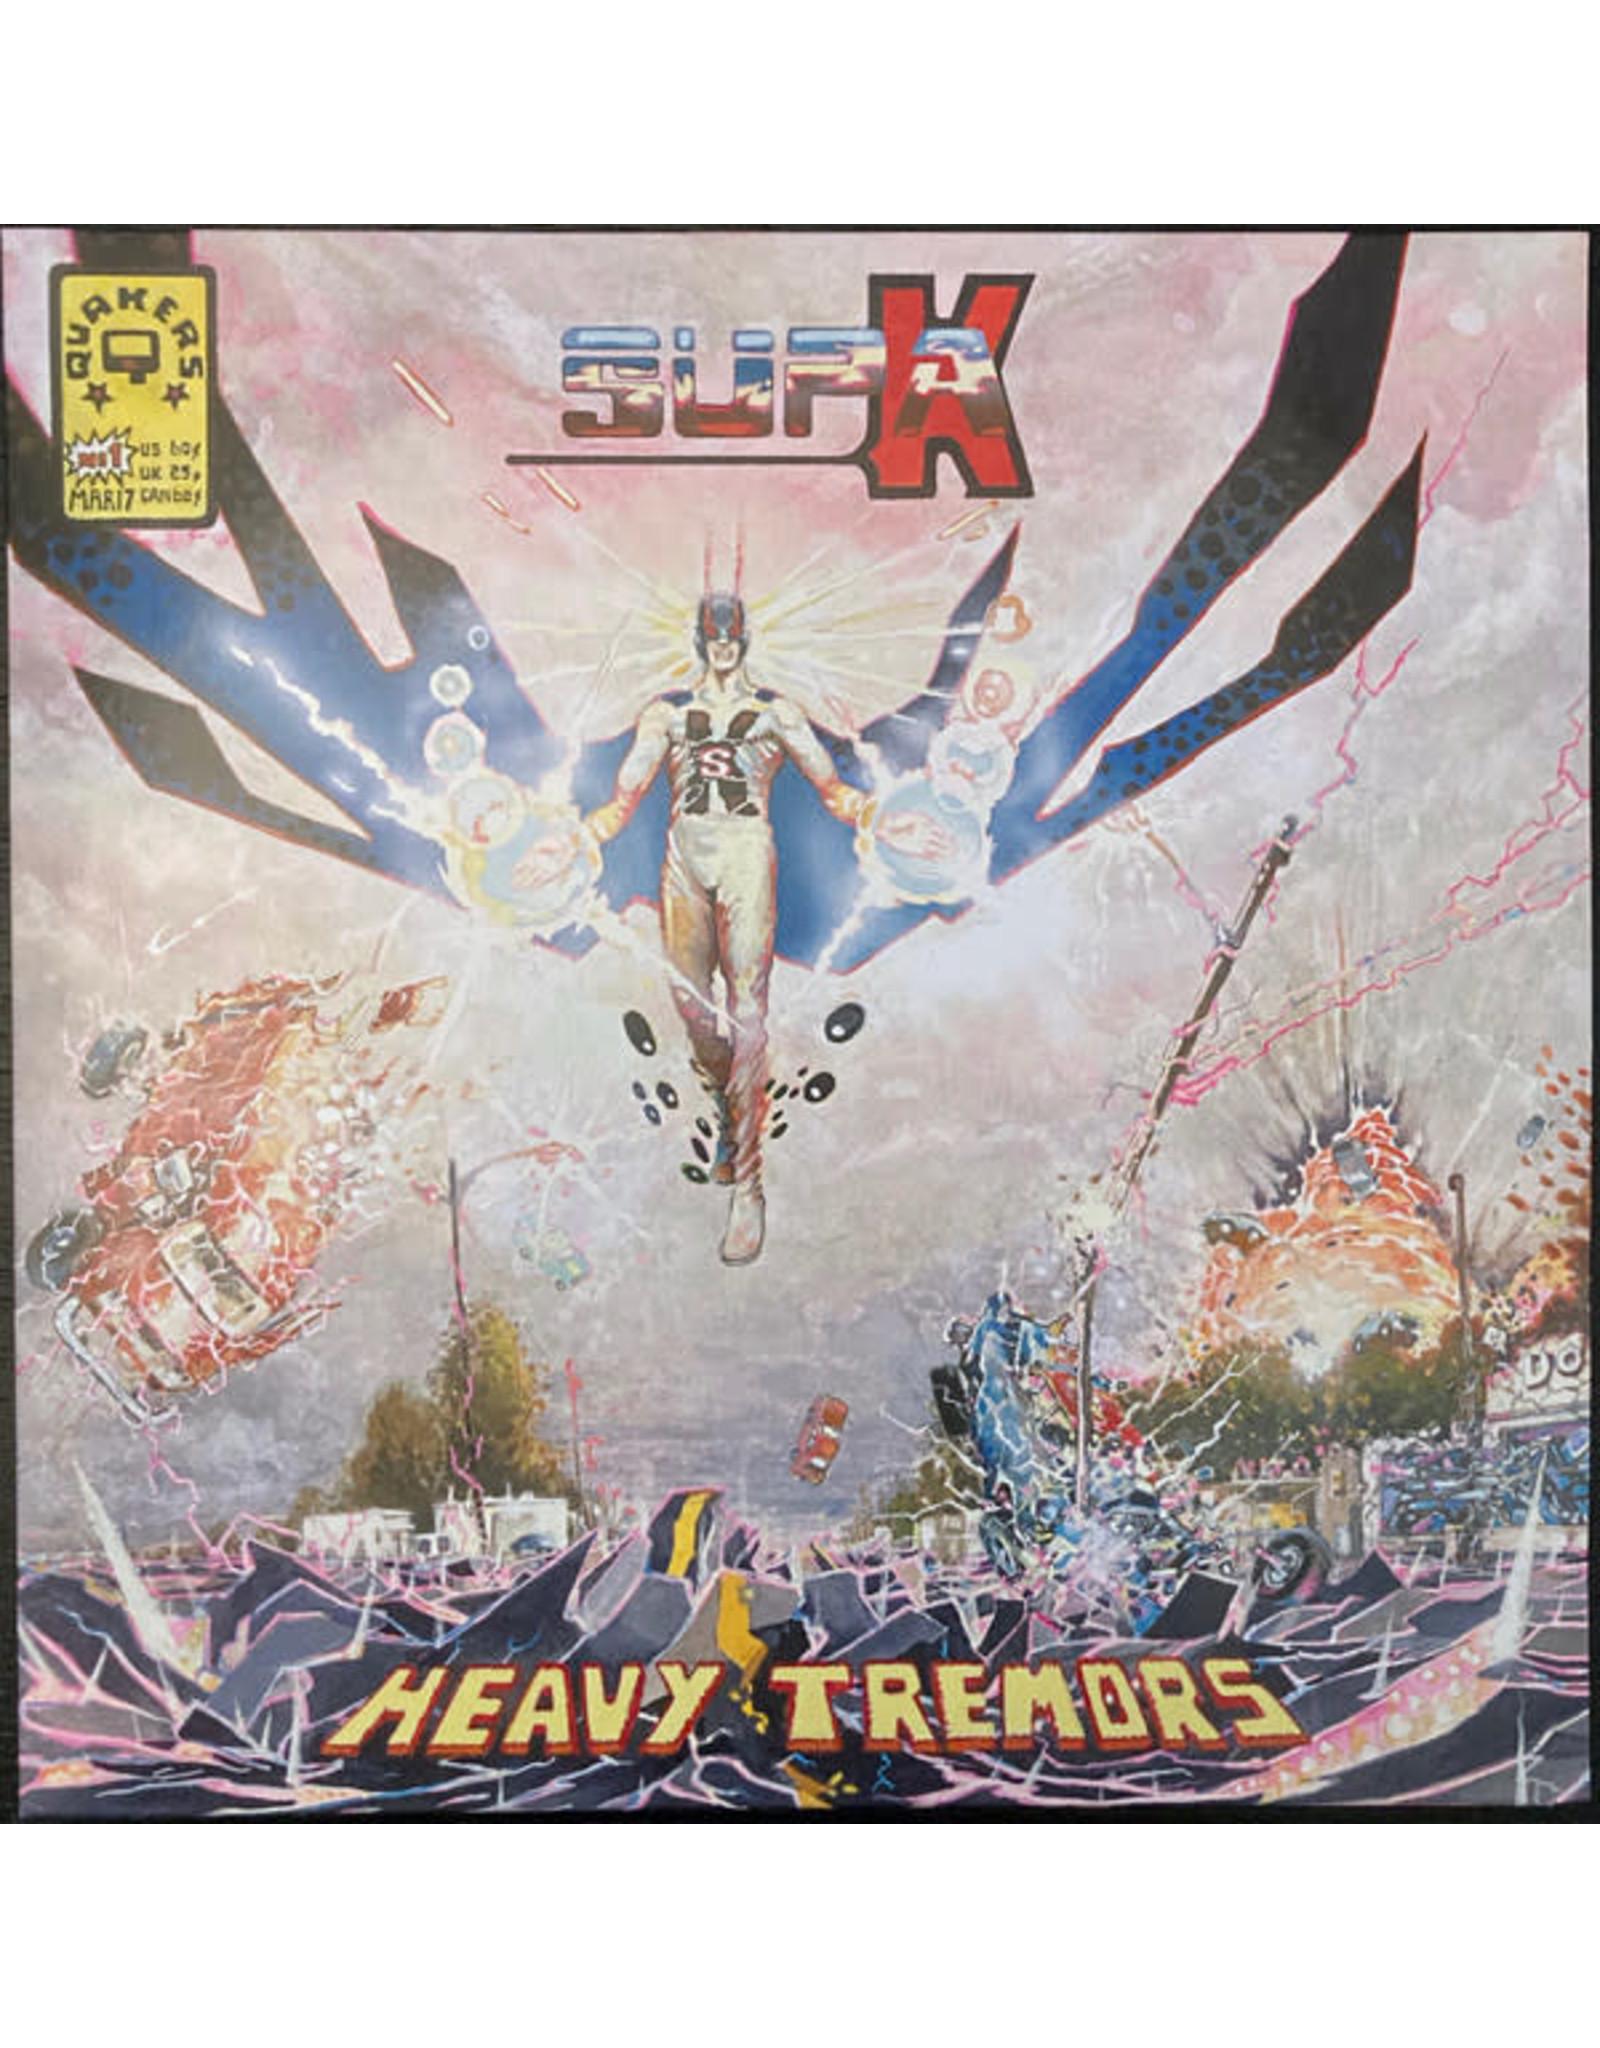 Quakers - Supa K: Heavy Tremors 2LP